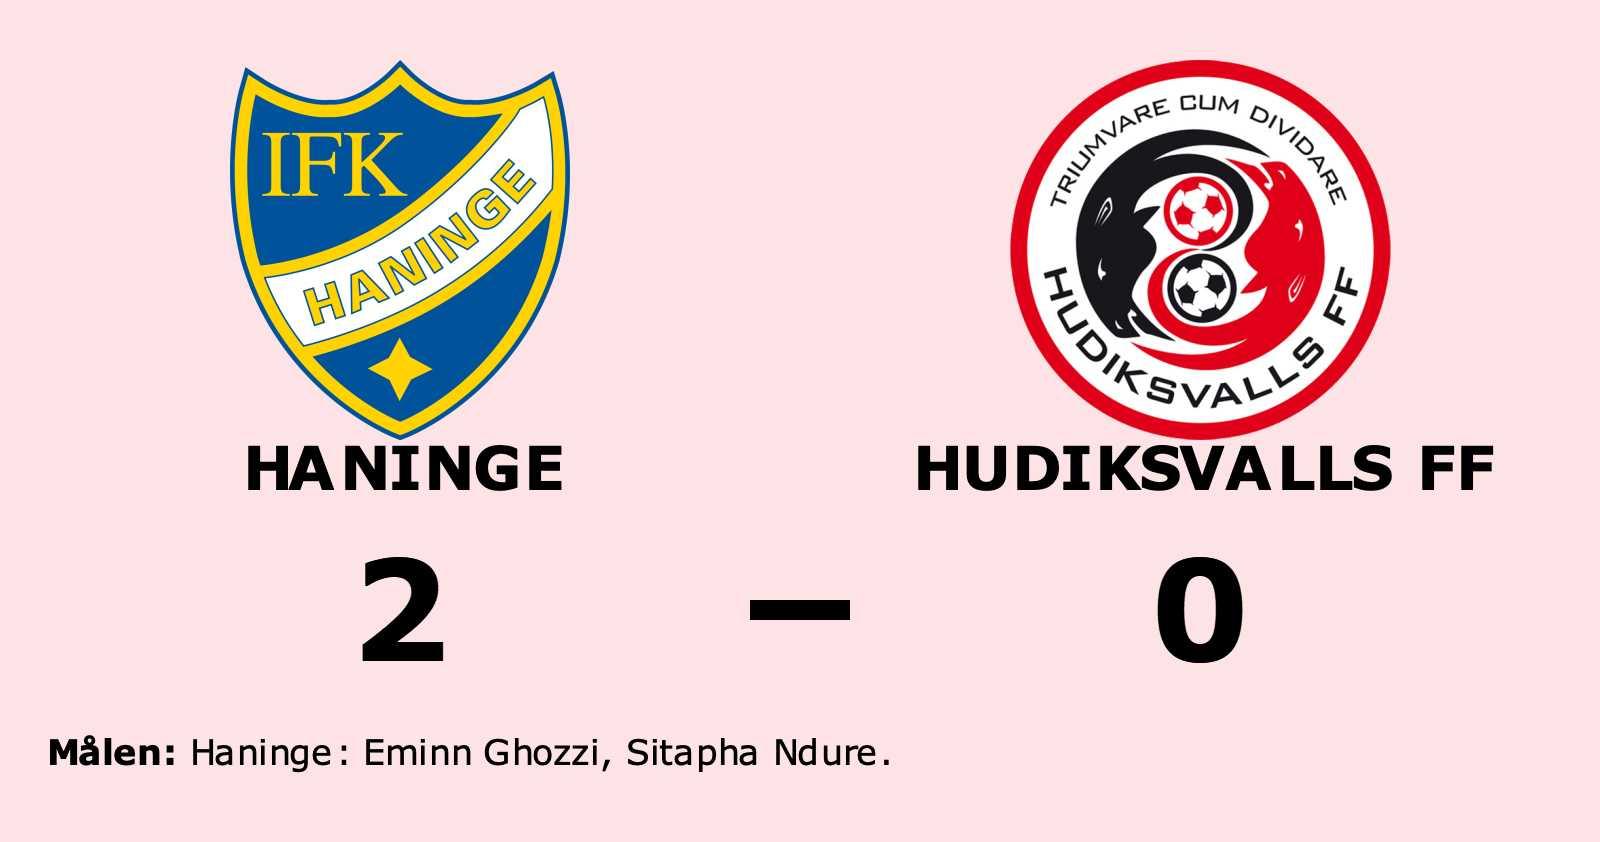 Eminn Ghozzi och Sitapha Ndure sänkte Hudiksvalls FF